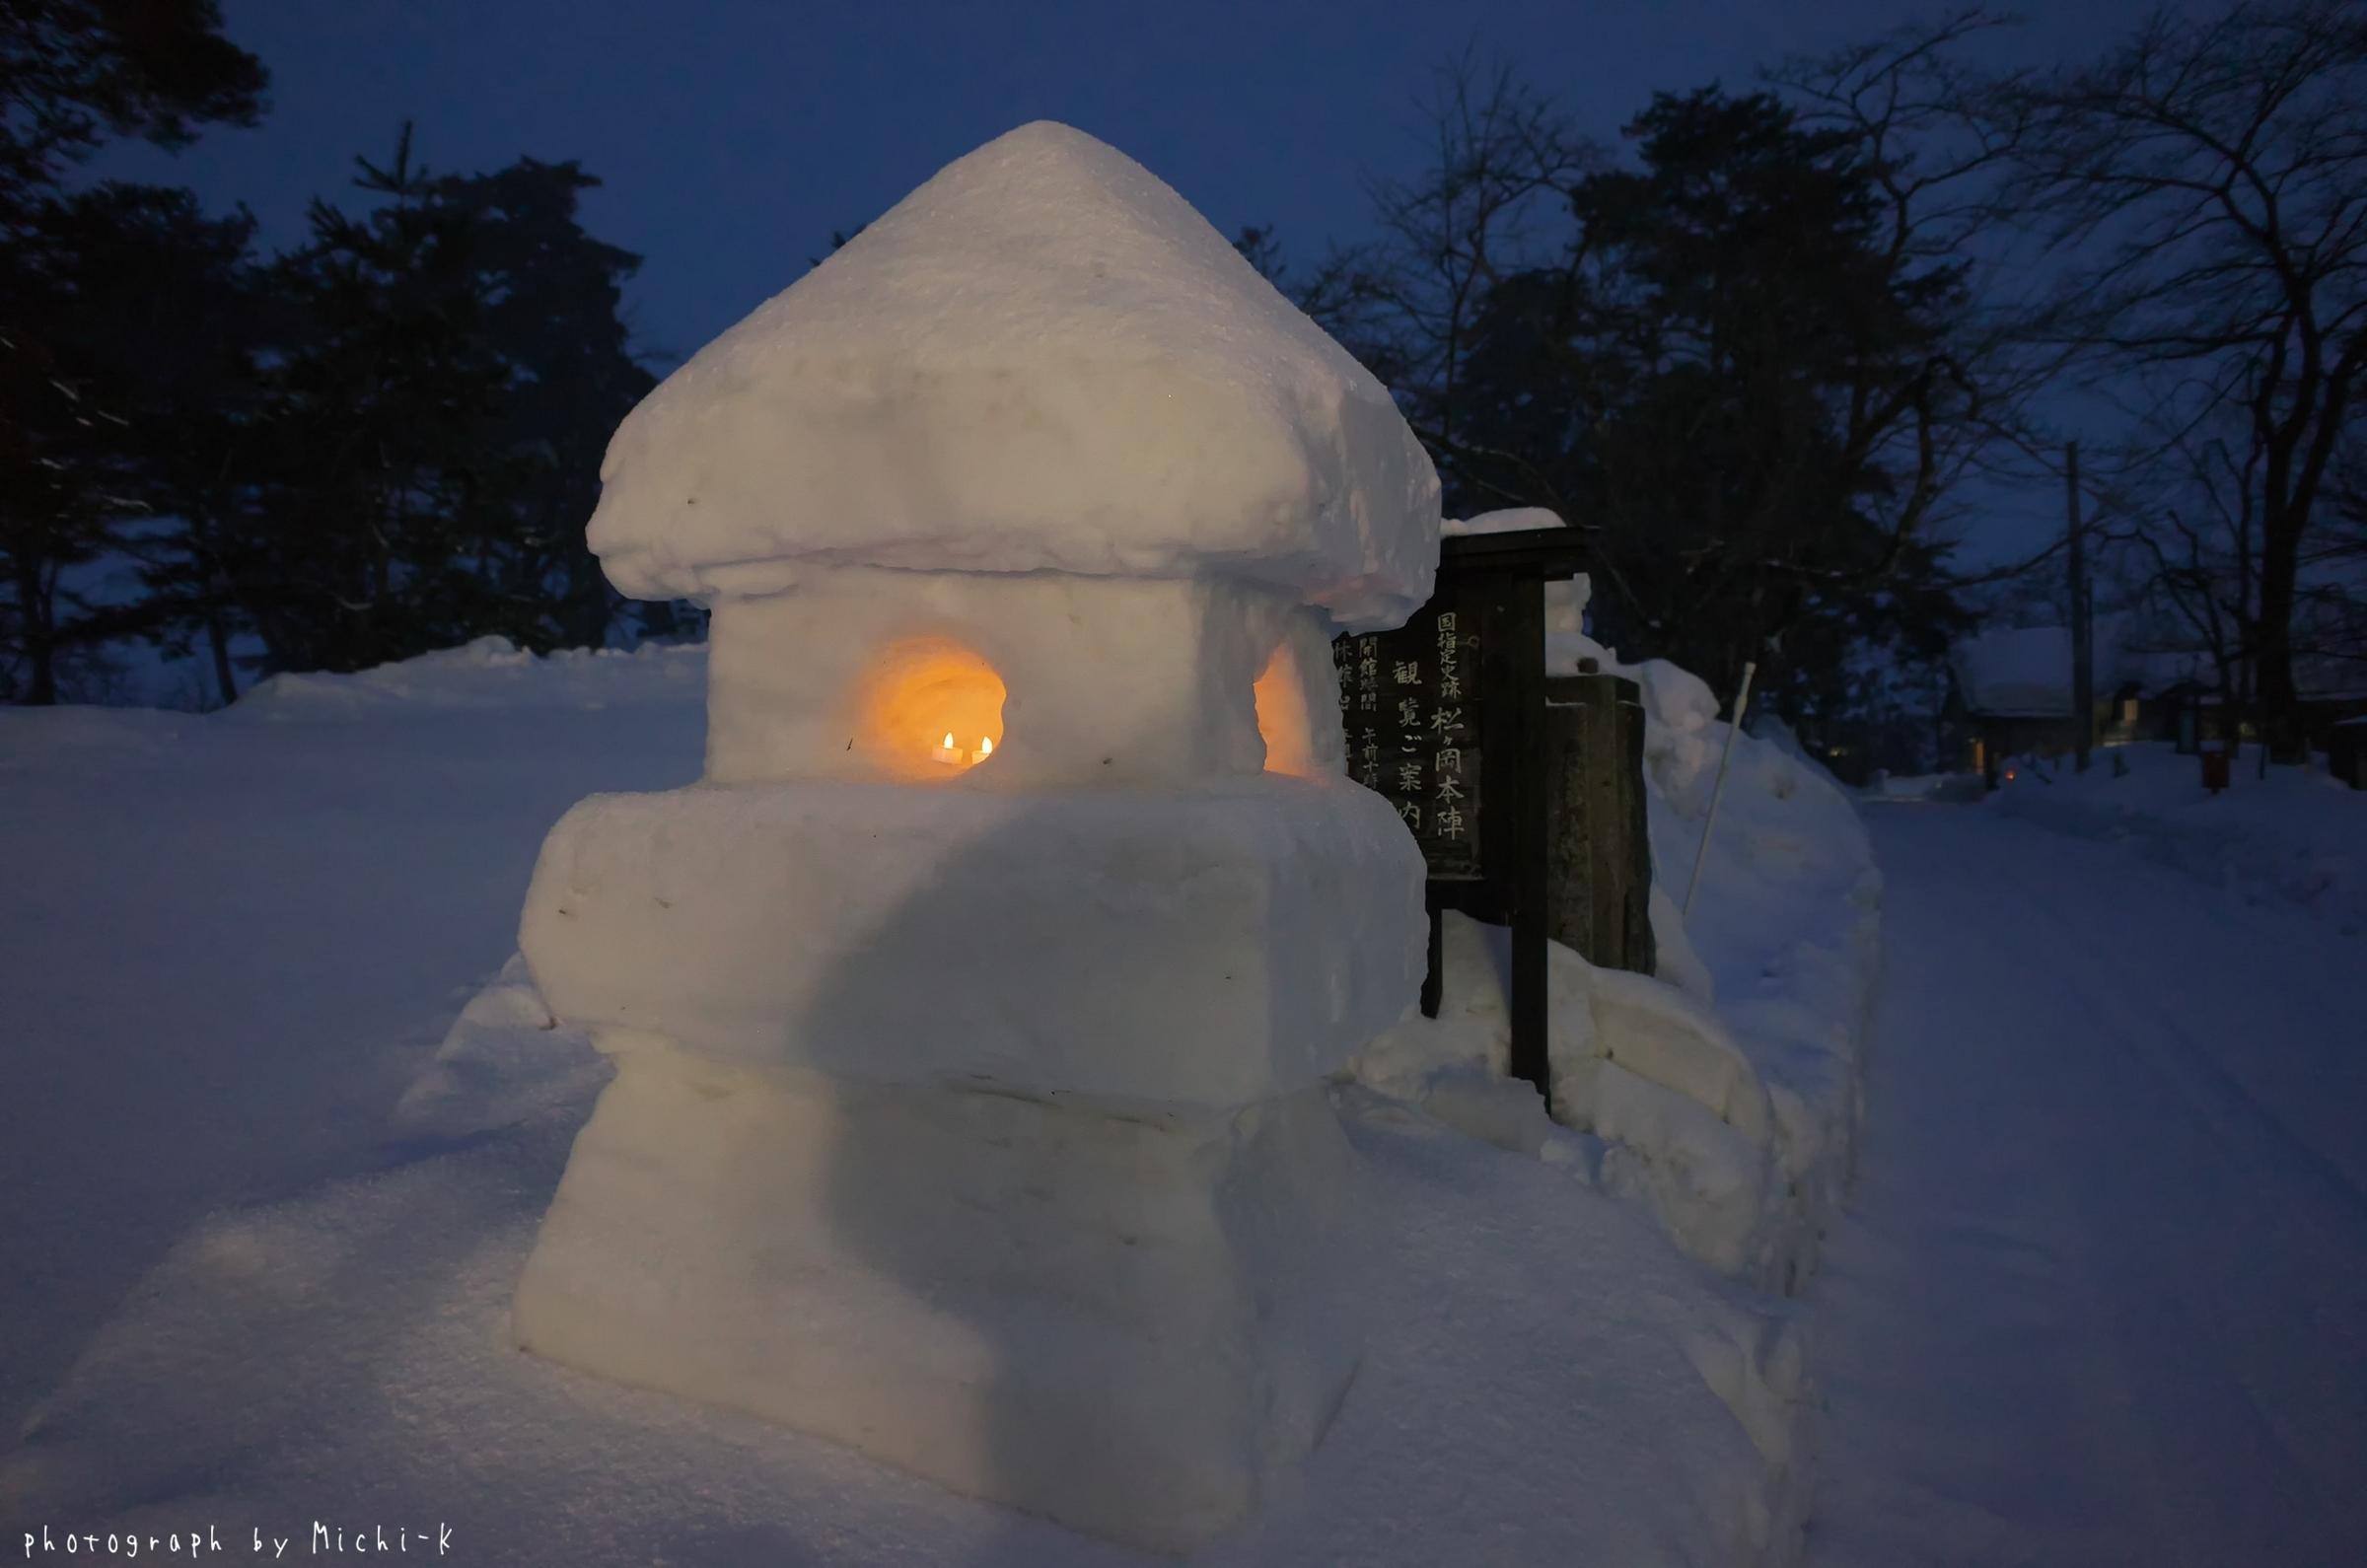 鶴岡市松ヶ丘雪灯篭まつり2018-2-18その1